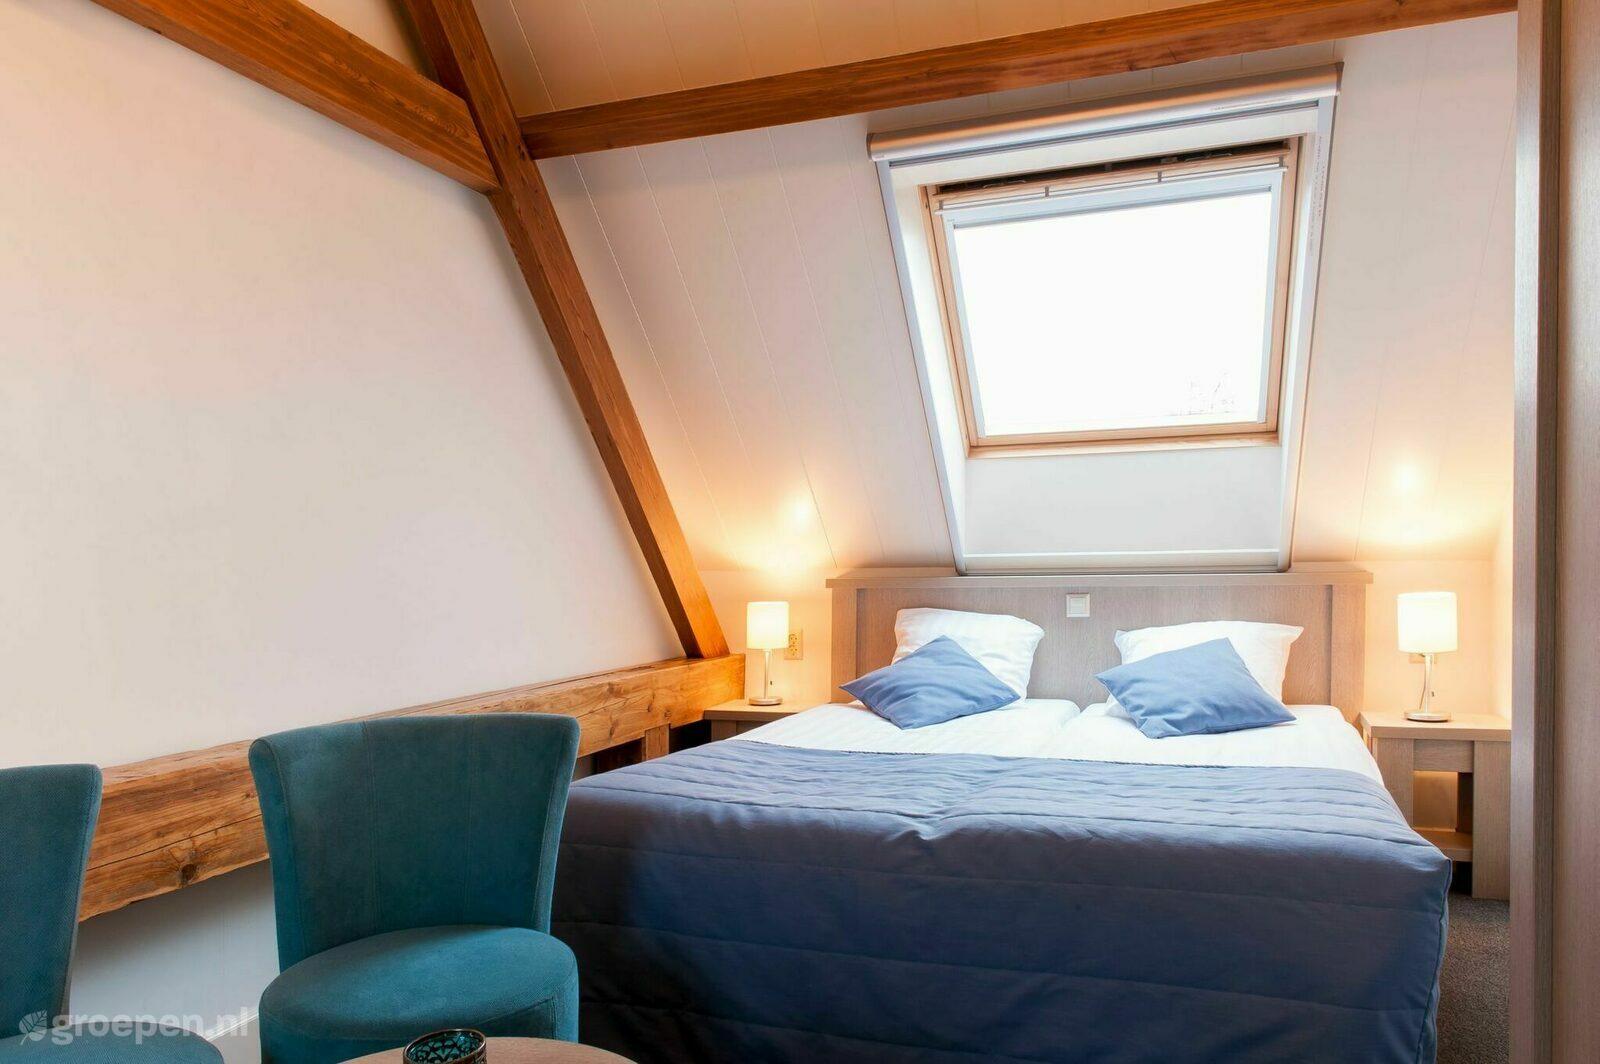 Group accommodation Vreeland